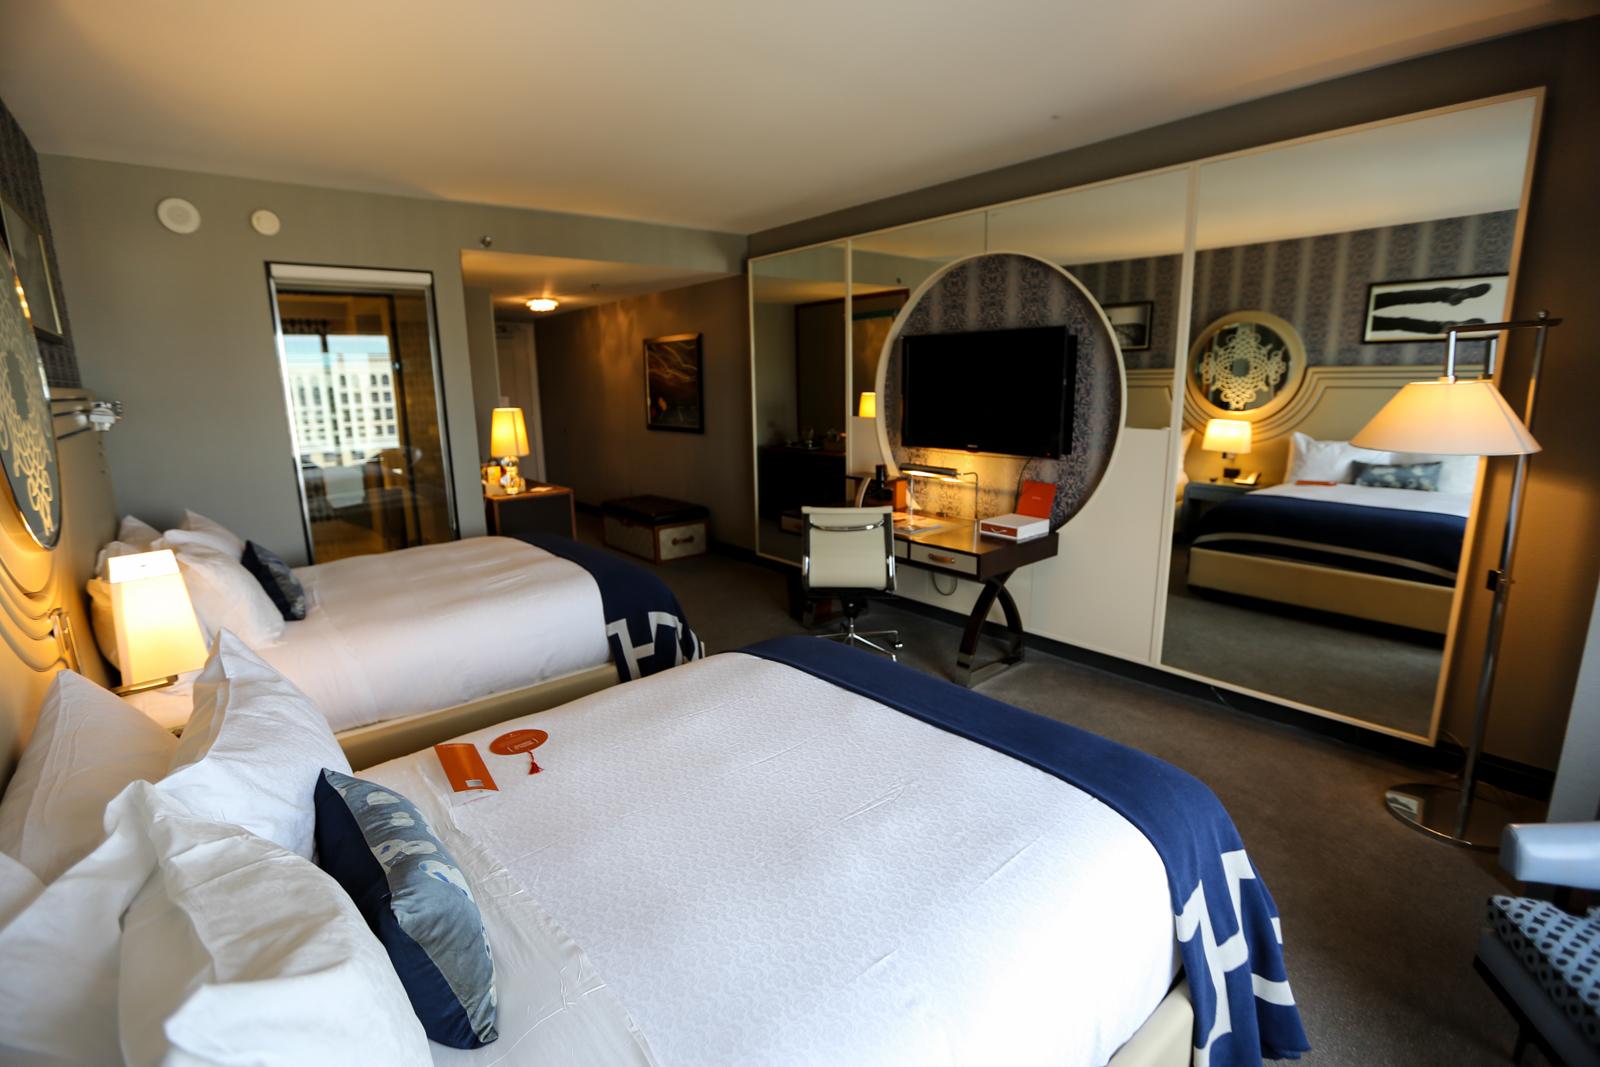 Hotel/Resort Review: The Cosmopolitan Of Las Vegas